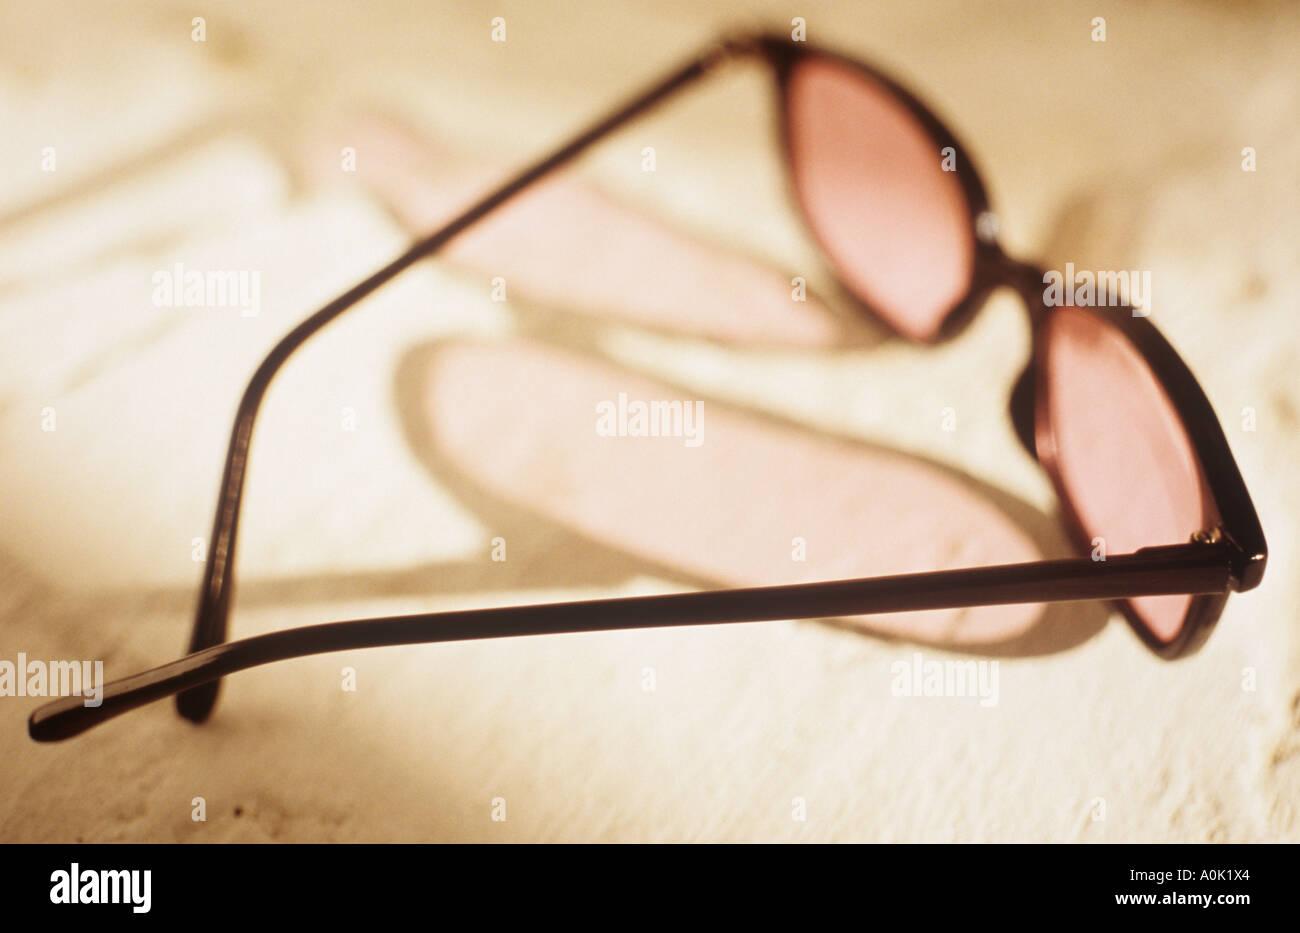 Une paire de lunettes teintées de rose jette une ombre sur une surface  blanche texturée Photo bb4c058c2639